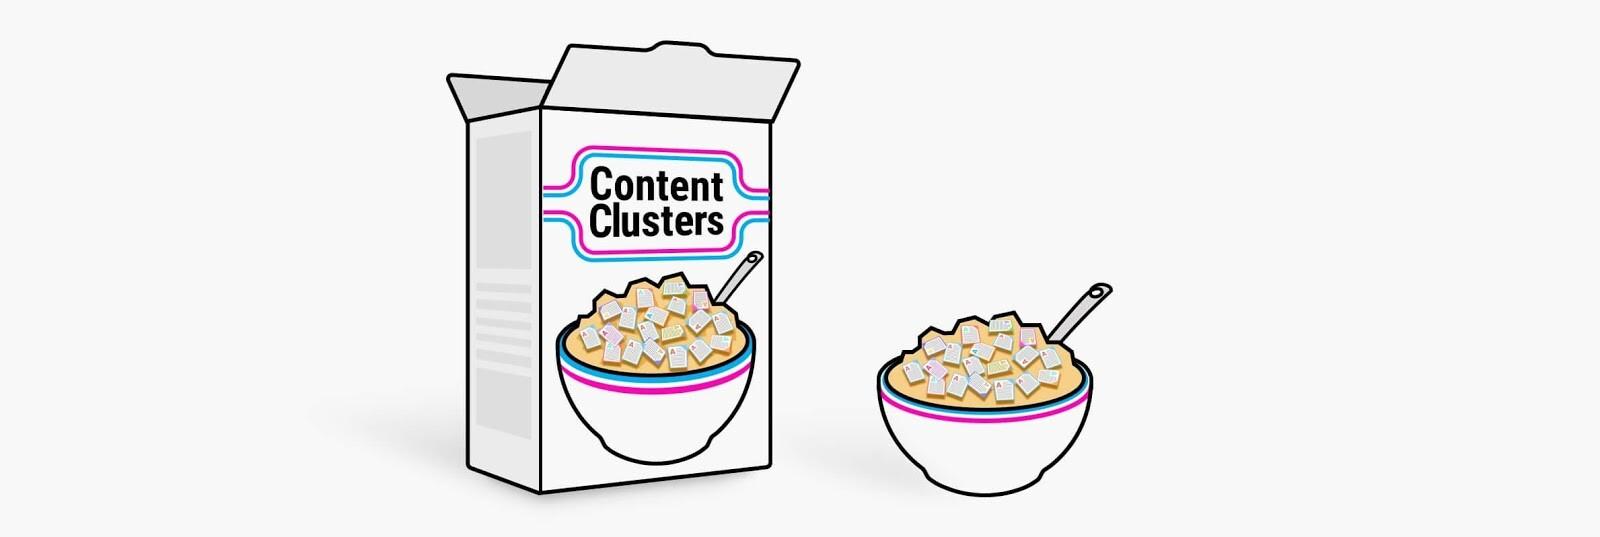 [마소캠퍼스] 콘텐츠 클러스터링(Clustering)을 통해 마케팅을 업그레이드 하는 방법